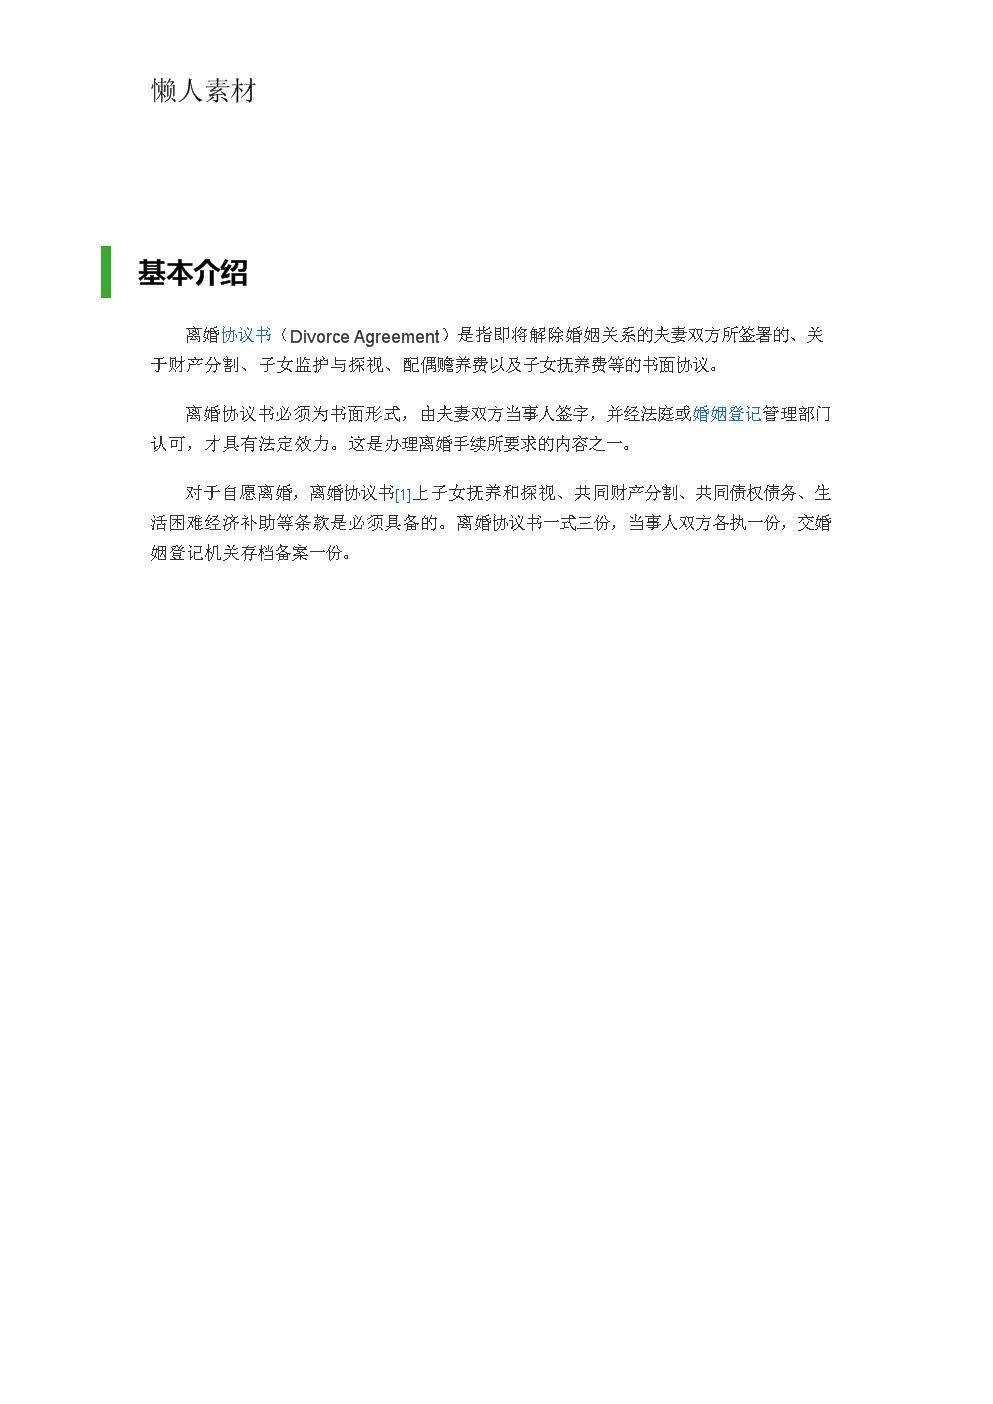 19.协议注意要点.docx